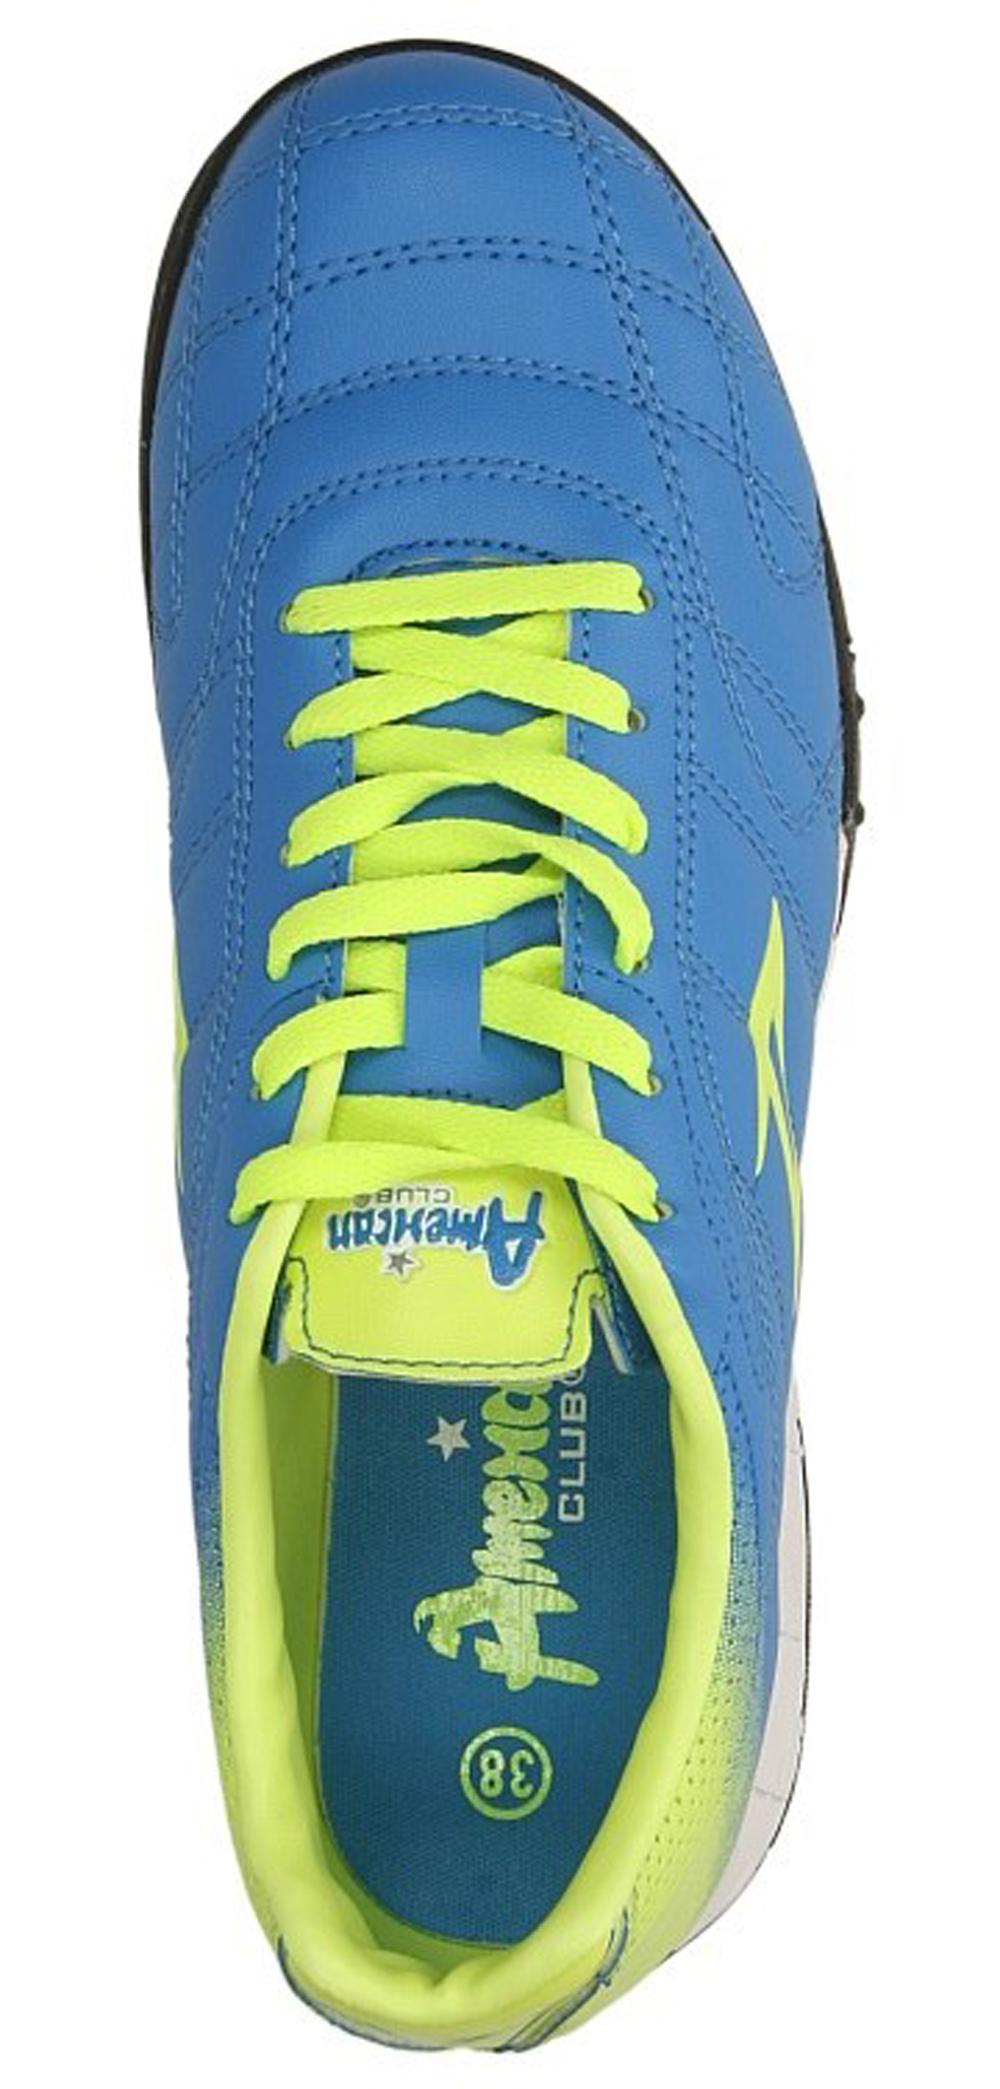 Damskie SPORTOWE AMERICAN OGLE-13049-B niebieski;żółty;